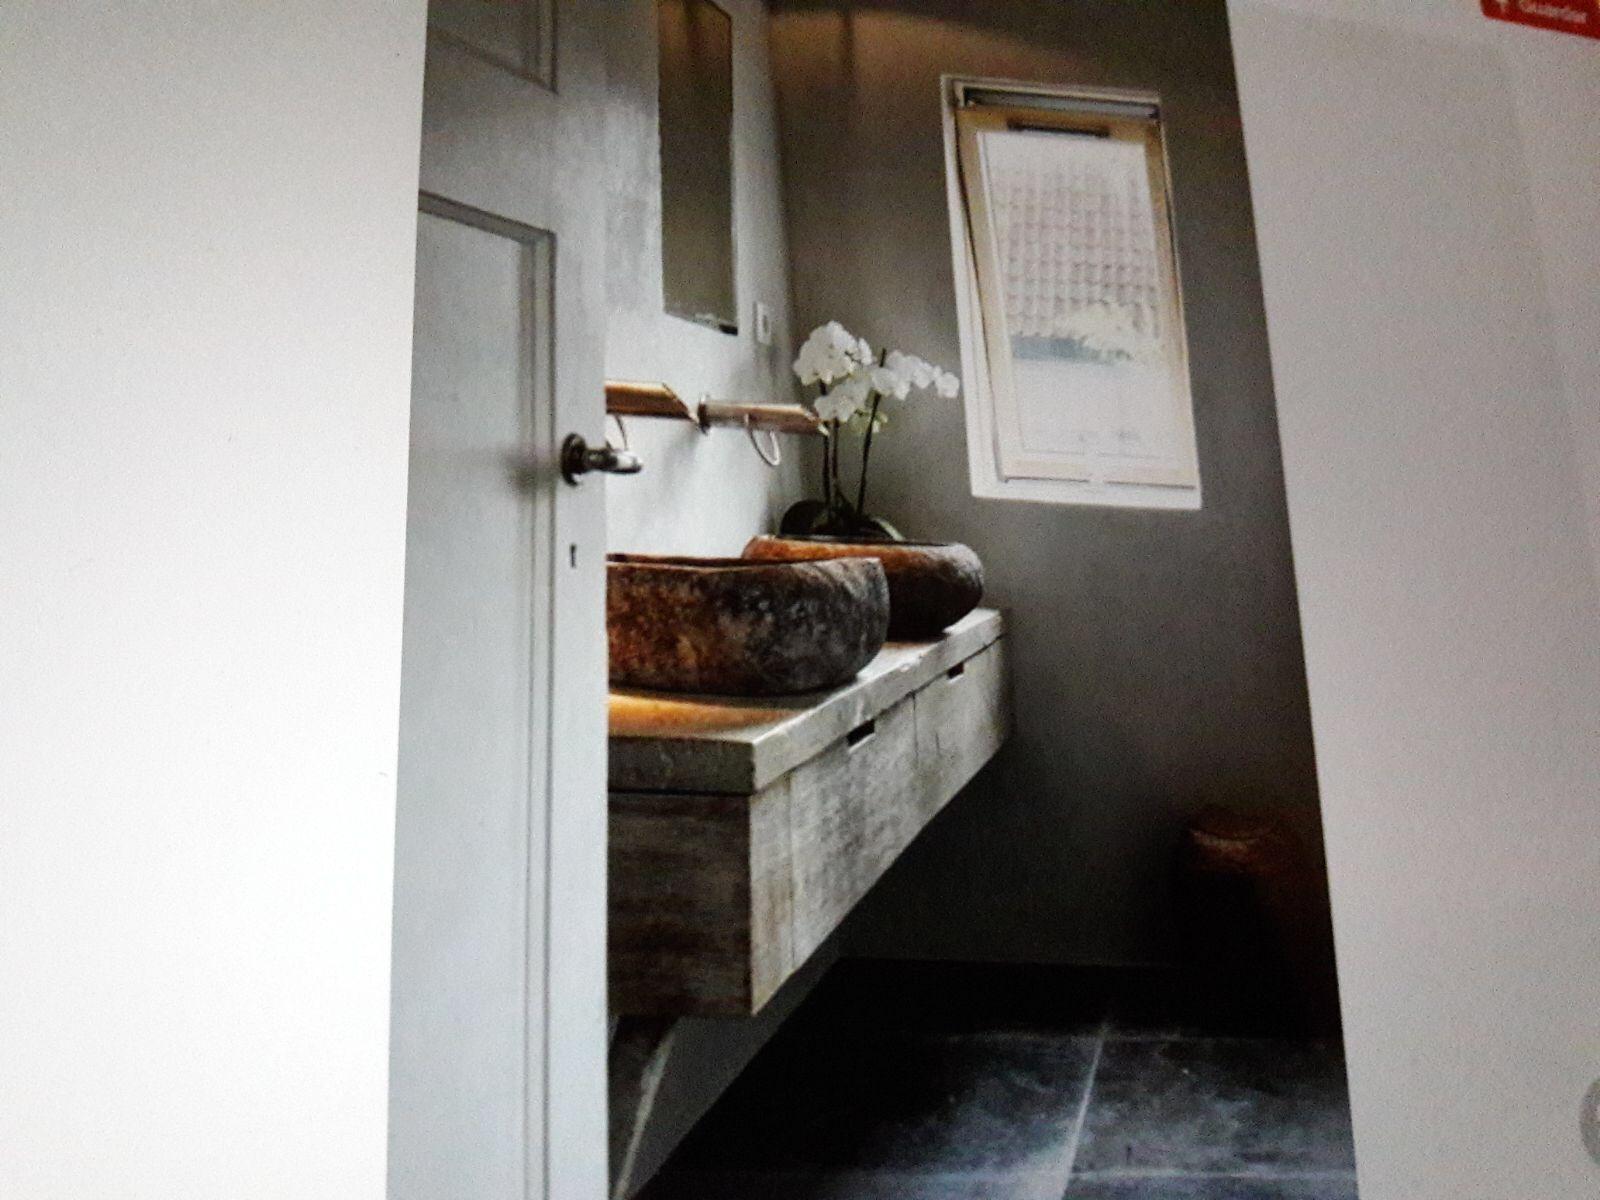 Badkamermeubel met inloopdouchebakken mooi badkamermeubel met